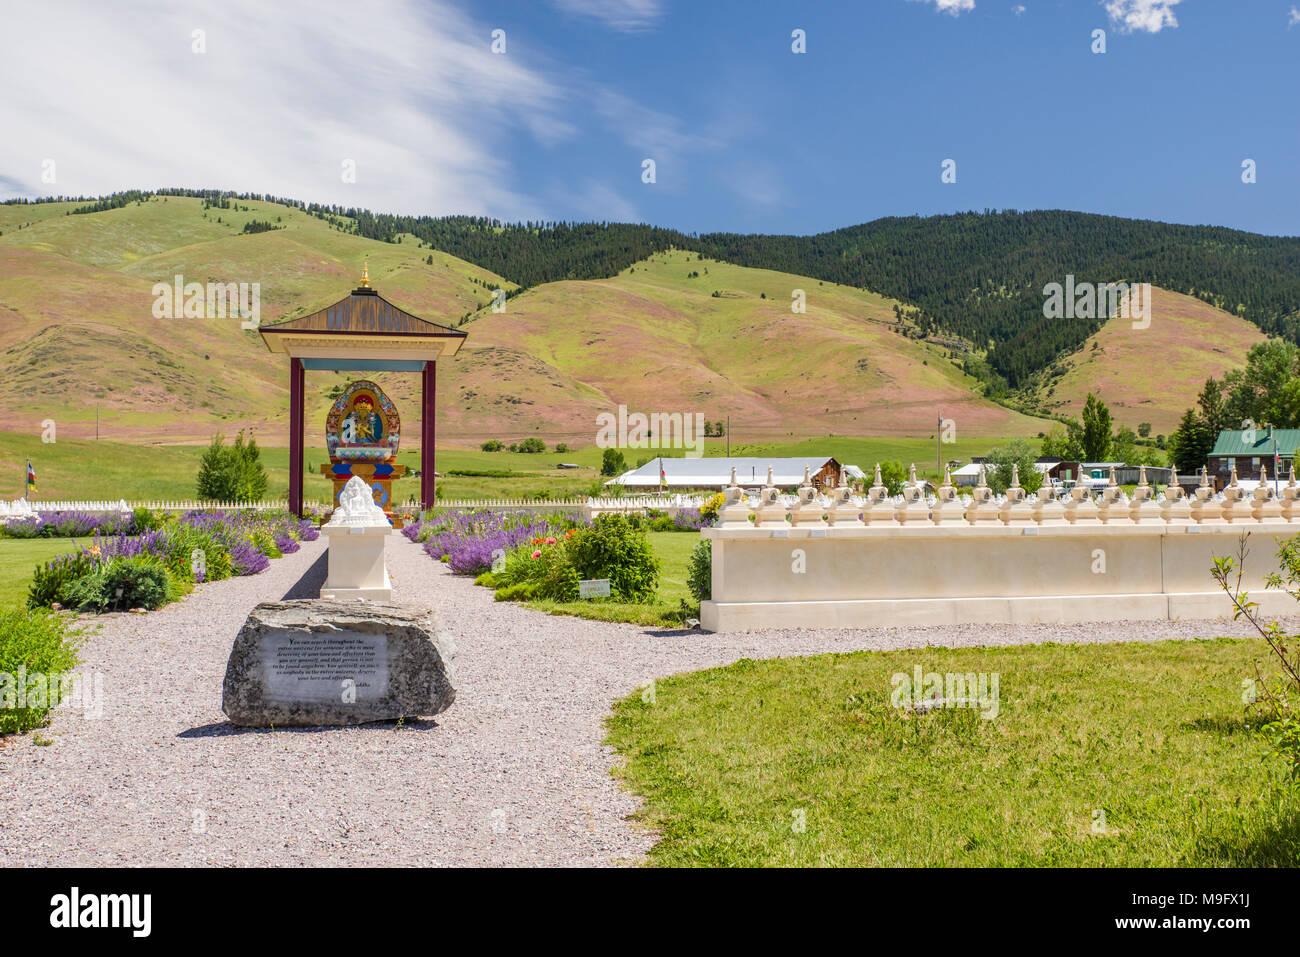 Arlee Montana Stock Photos Arlee Montana Stock Images Alamy